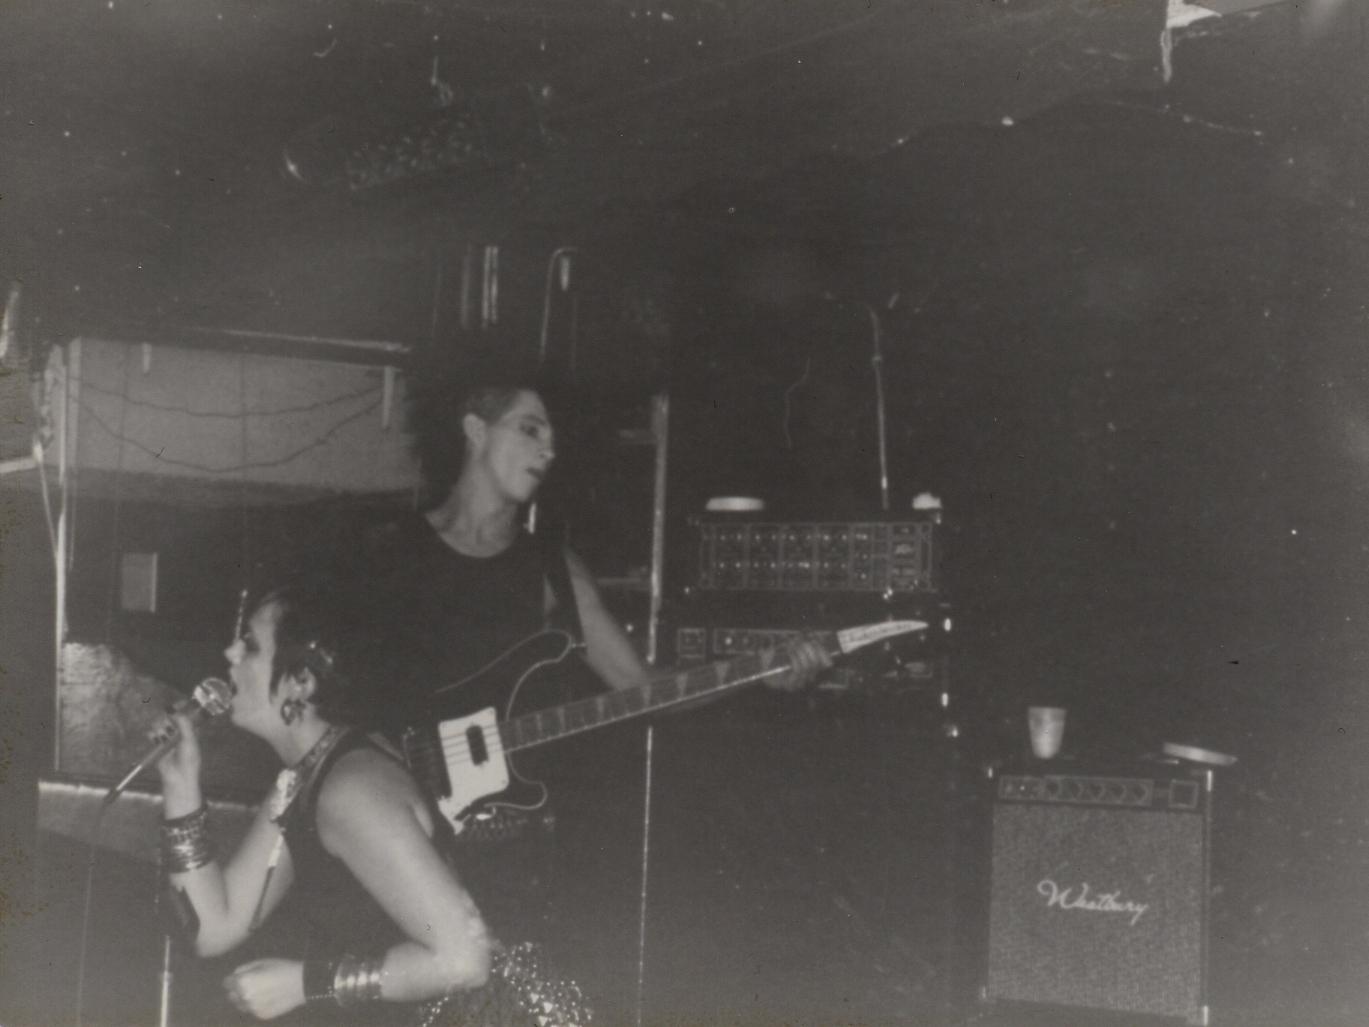 1985-08-03 tnatd (41)